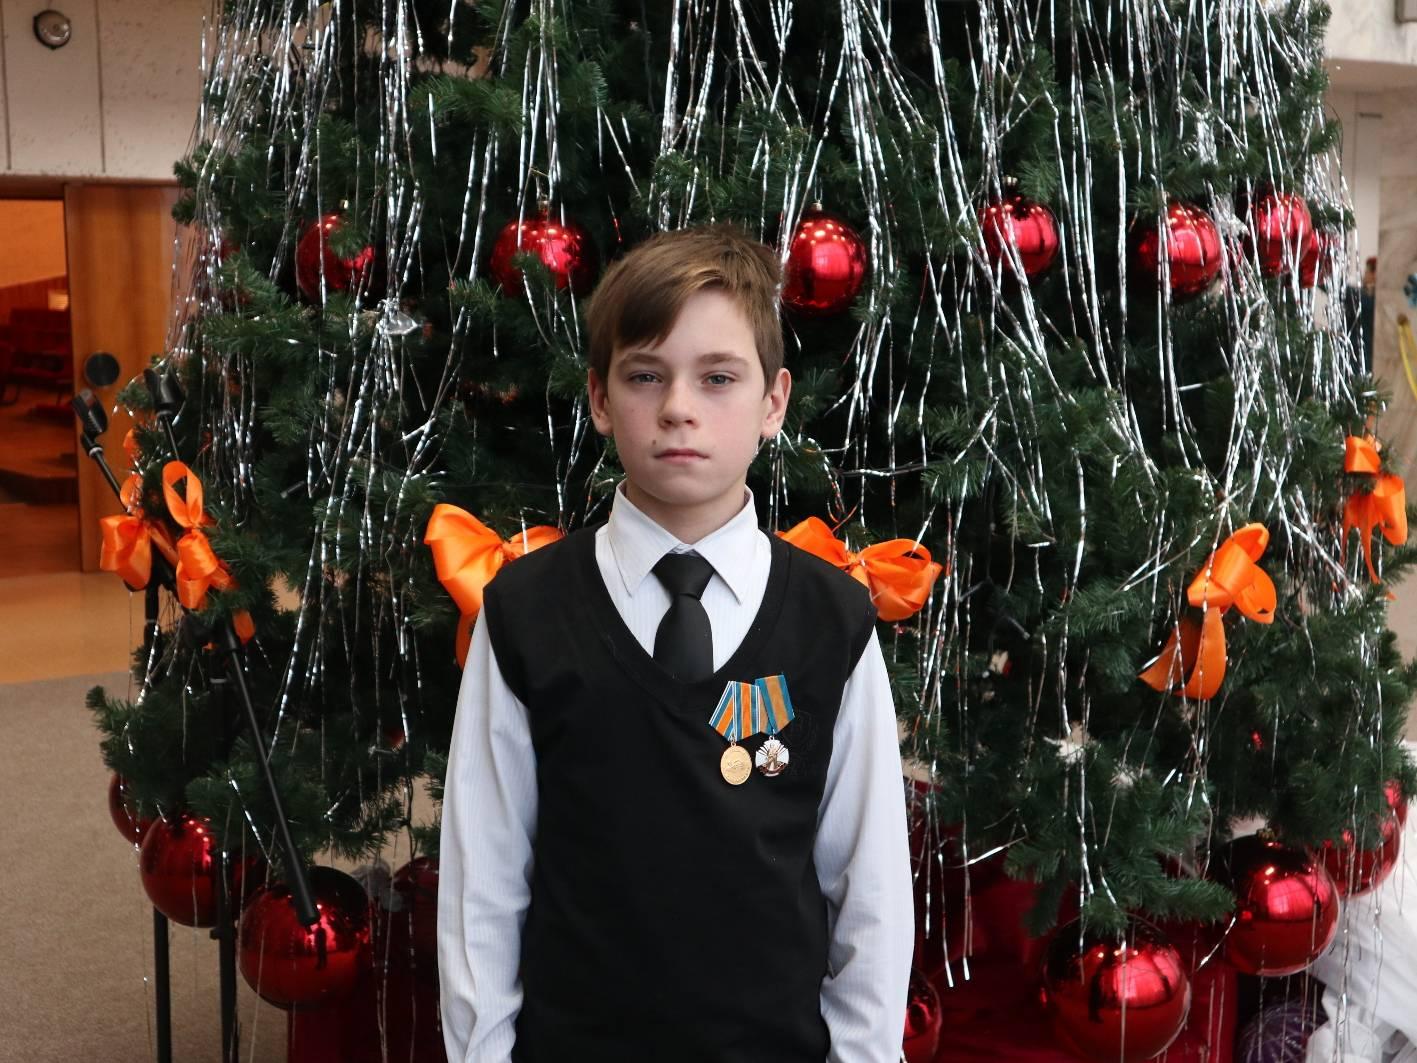 Юному герою из Томской области вручили награду за проявленное мужество